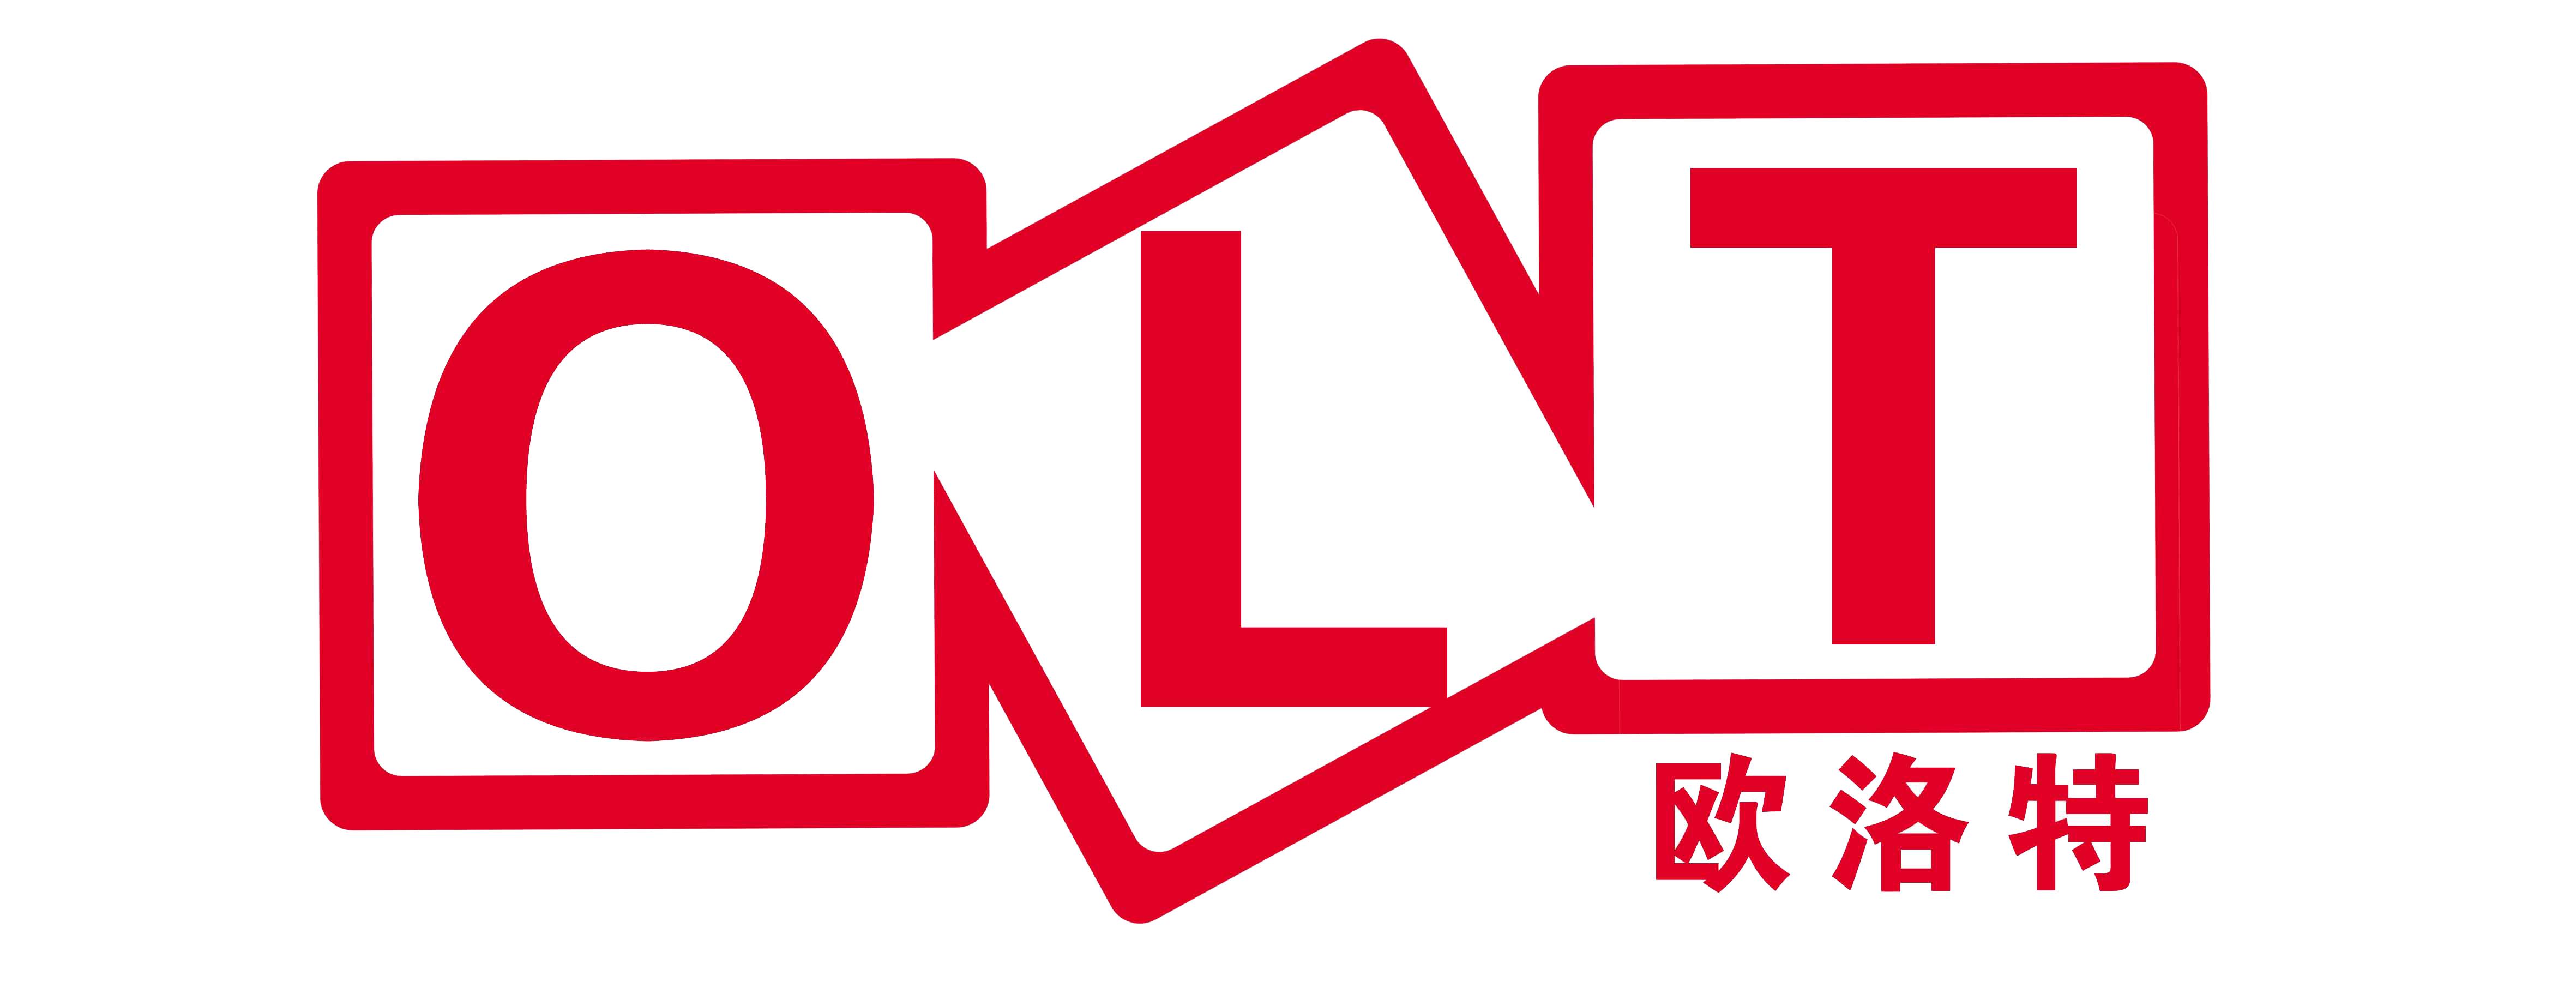 logo 标识 标志 设计 矢量 矢量图 素材 图标 4724_1823